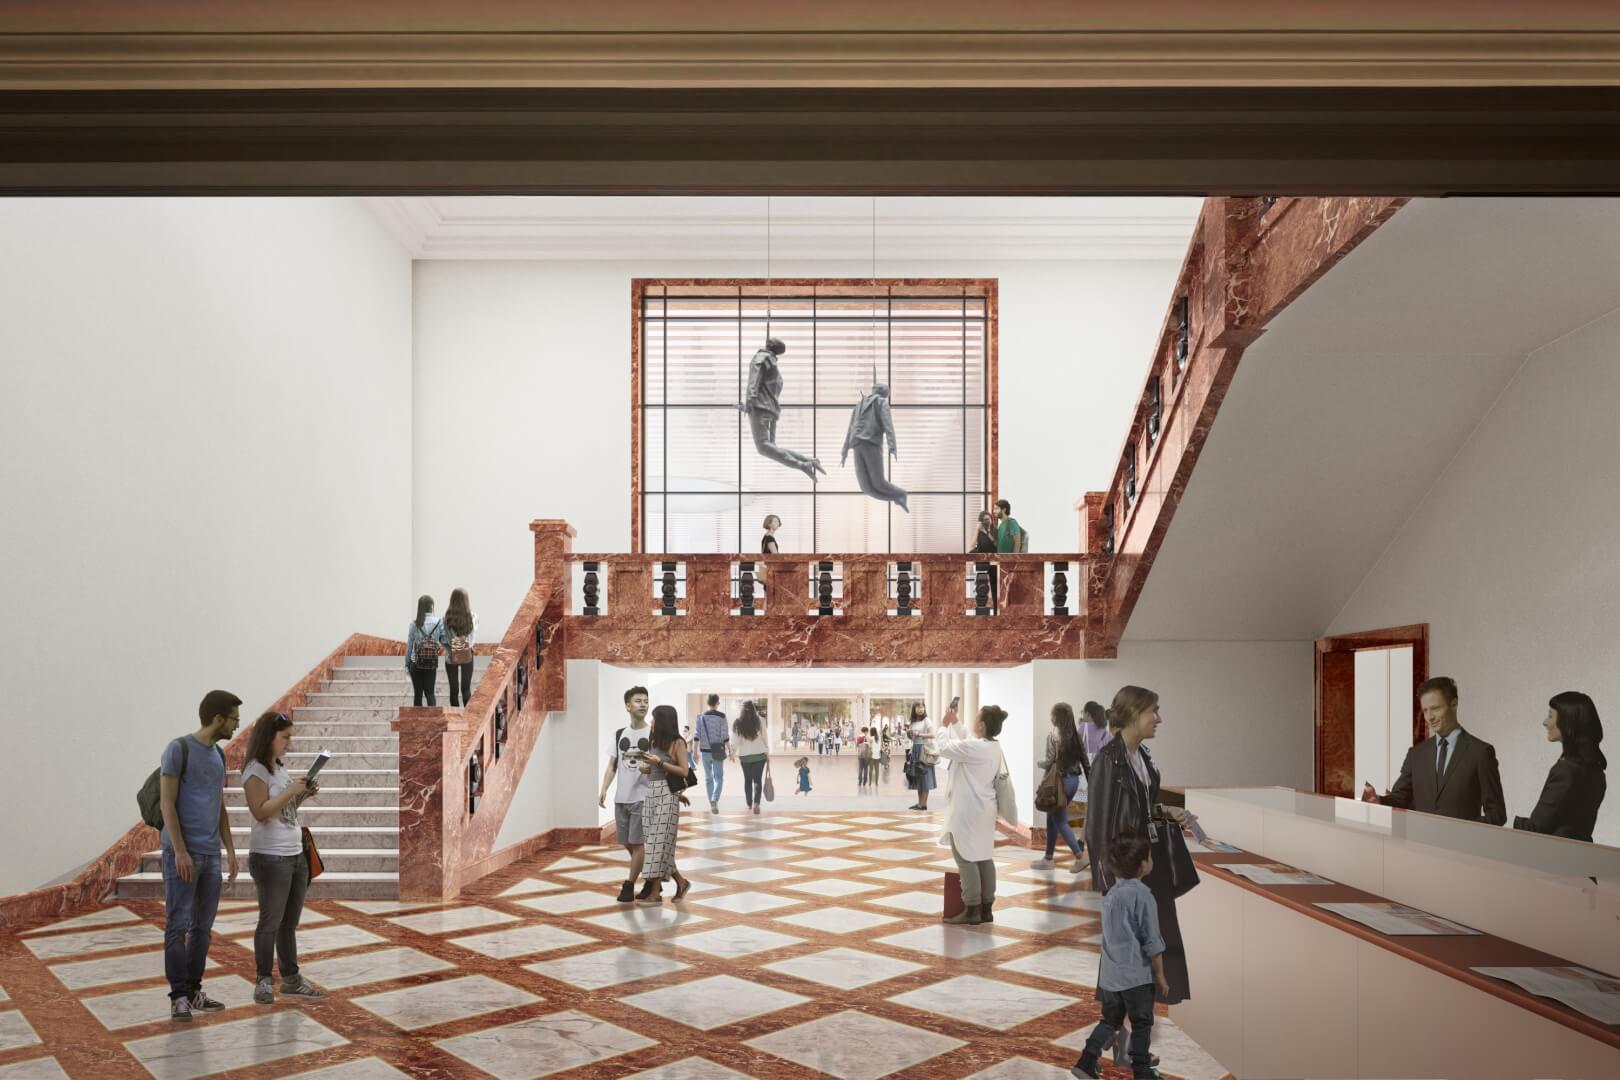 Si todo avanza según lo previsto, el nuevo Bellas Artes será una realidad en 2023, tras 16 meses de obras.